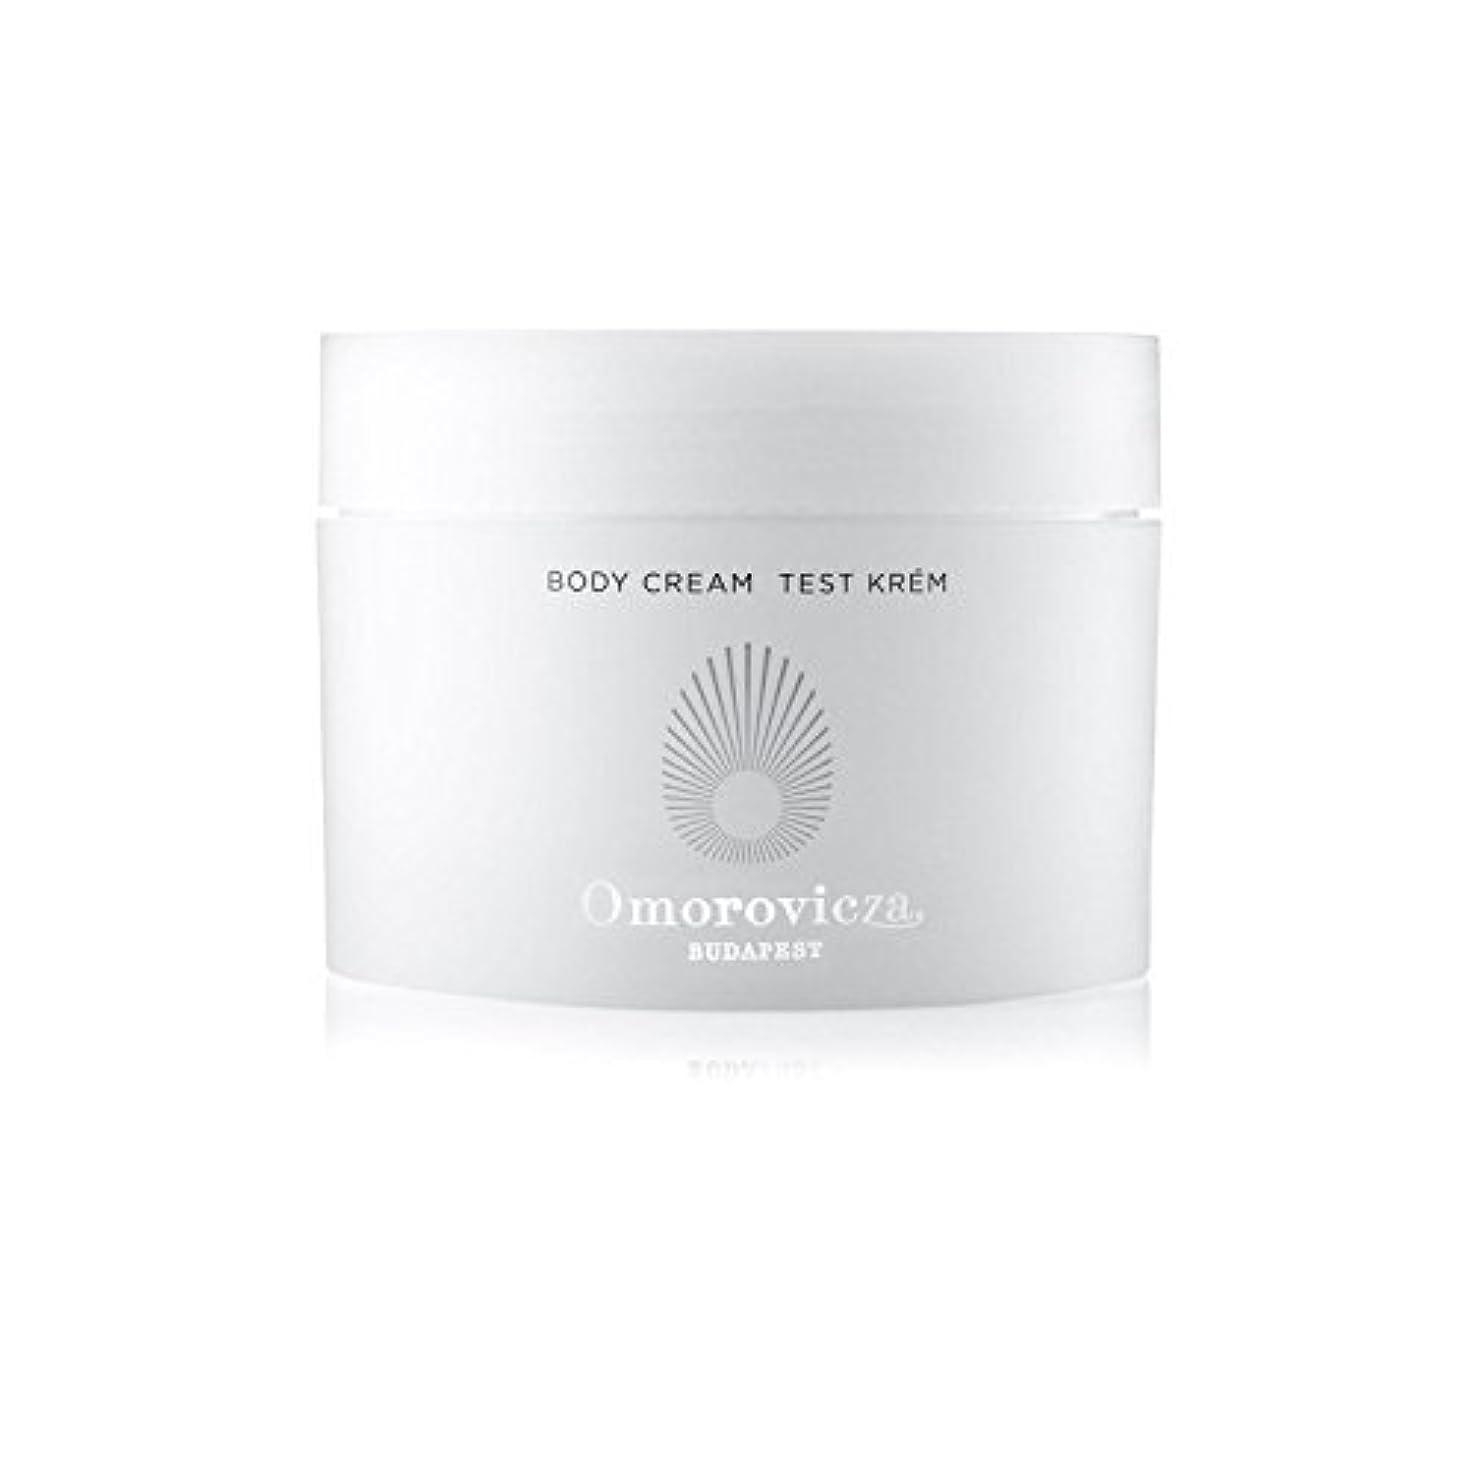 花接続啓発するボディクリーム(200ミリリットル) x2 - Omorovicza Body Cream (200ml) (Pack of 2) [並行輸入品]